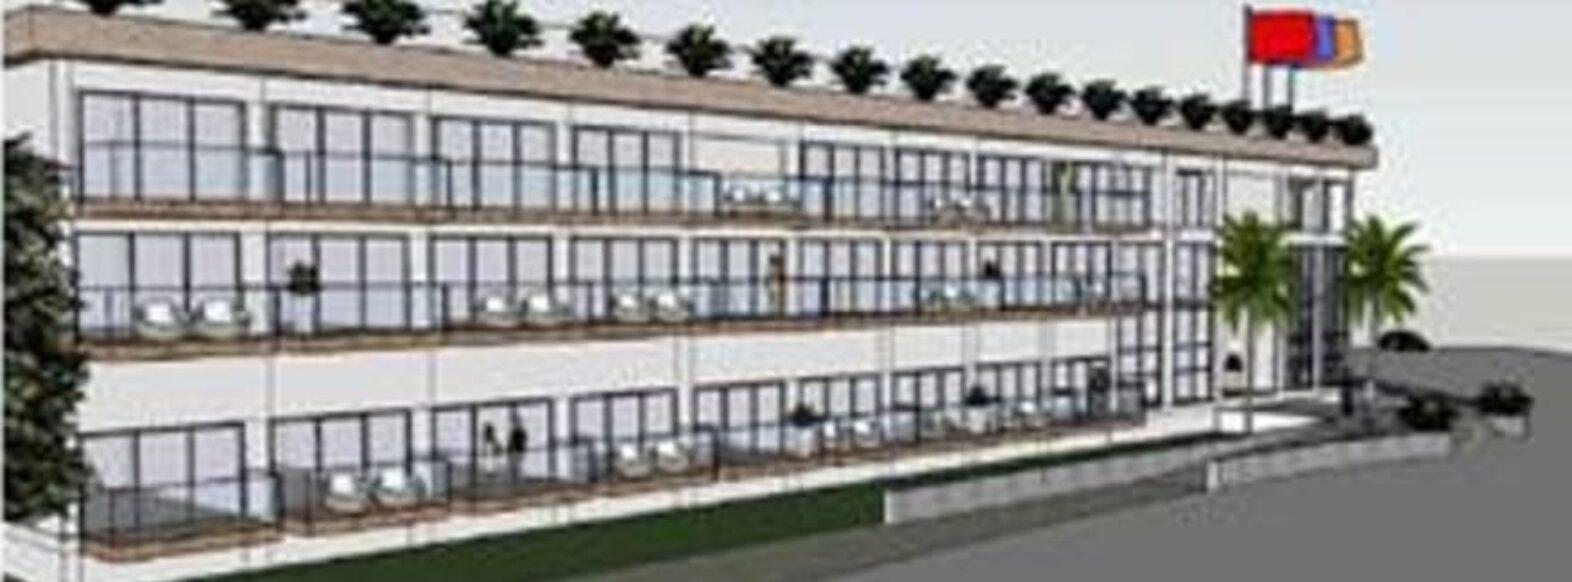 הועדה לתכנון ובניה: יוקם מלון סמוך לגן החיות החי פארק בקריית מוצקין